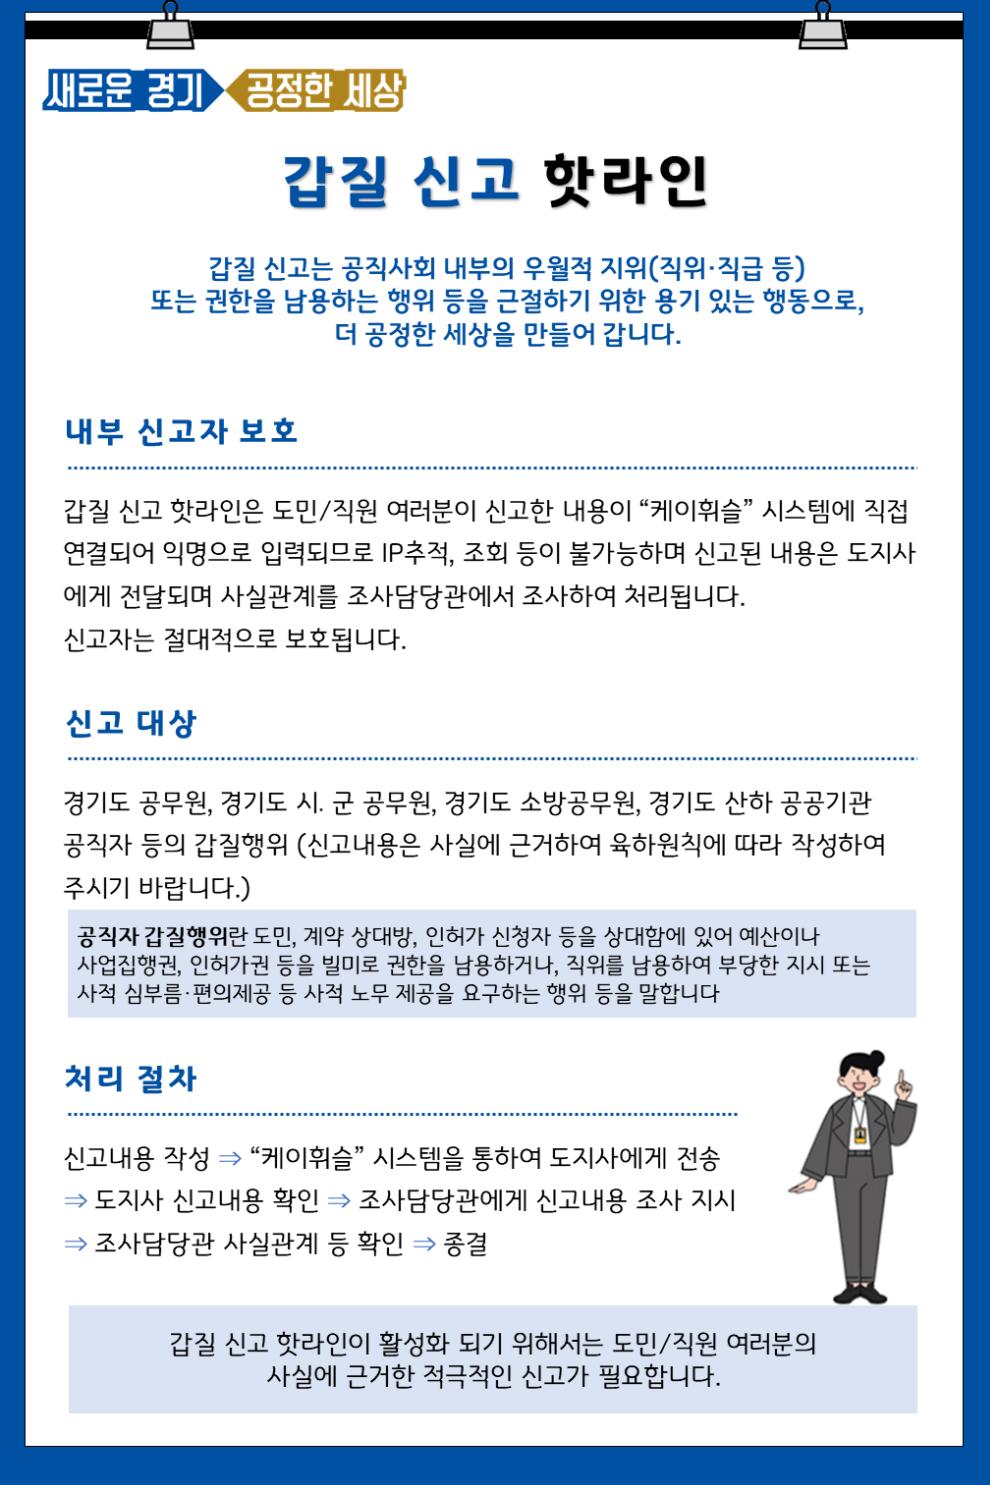 경기도청 헬프라인 안내문_20210503_99.png